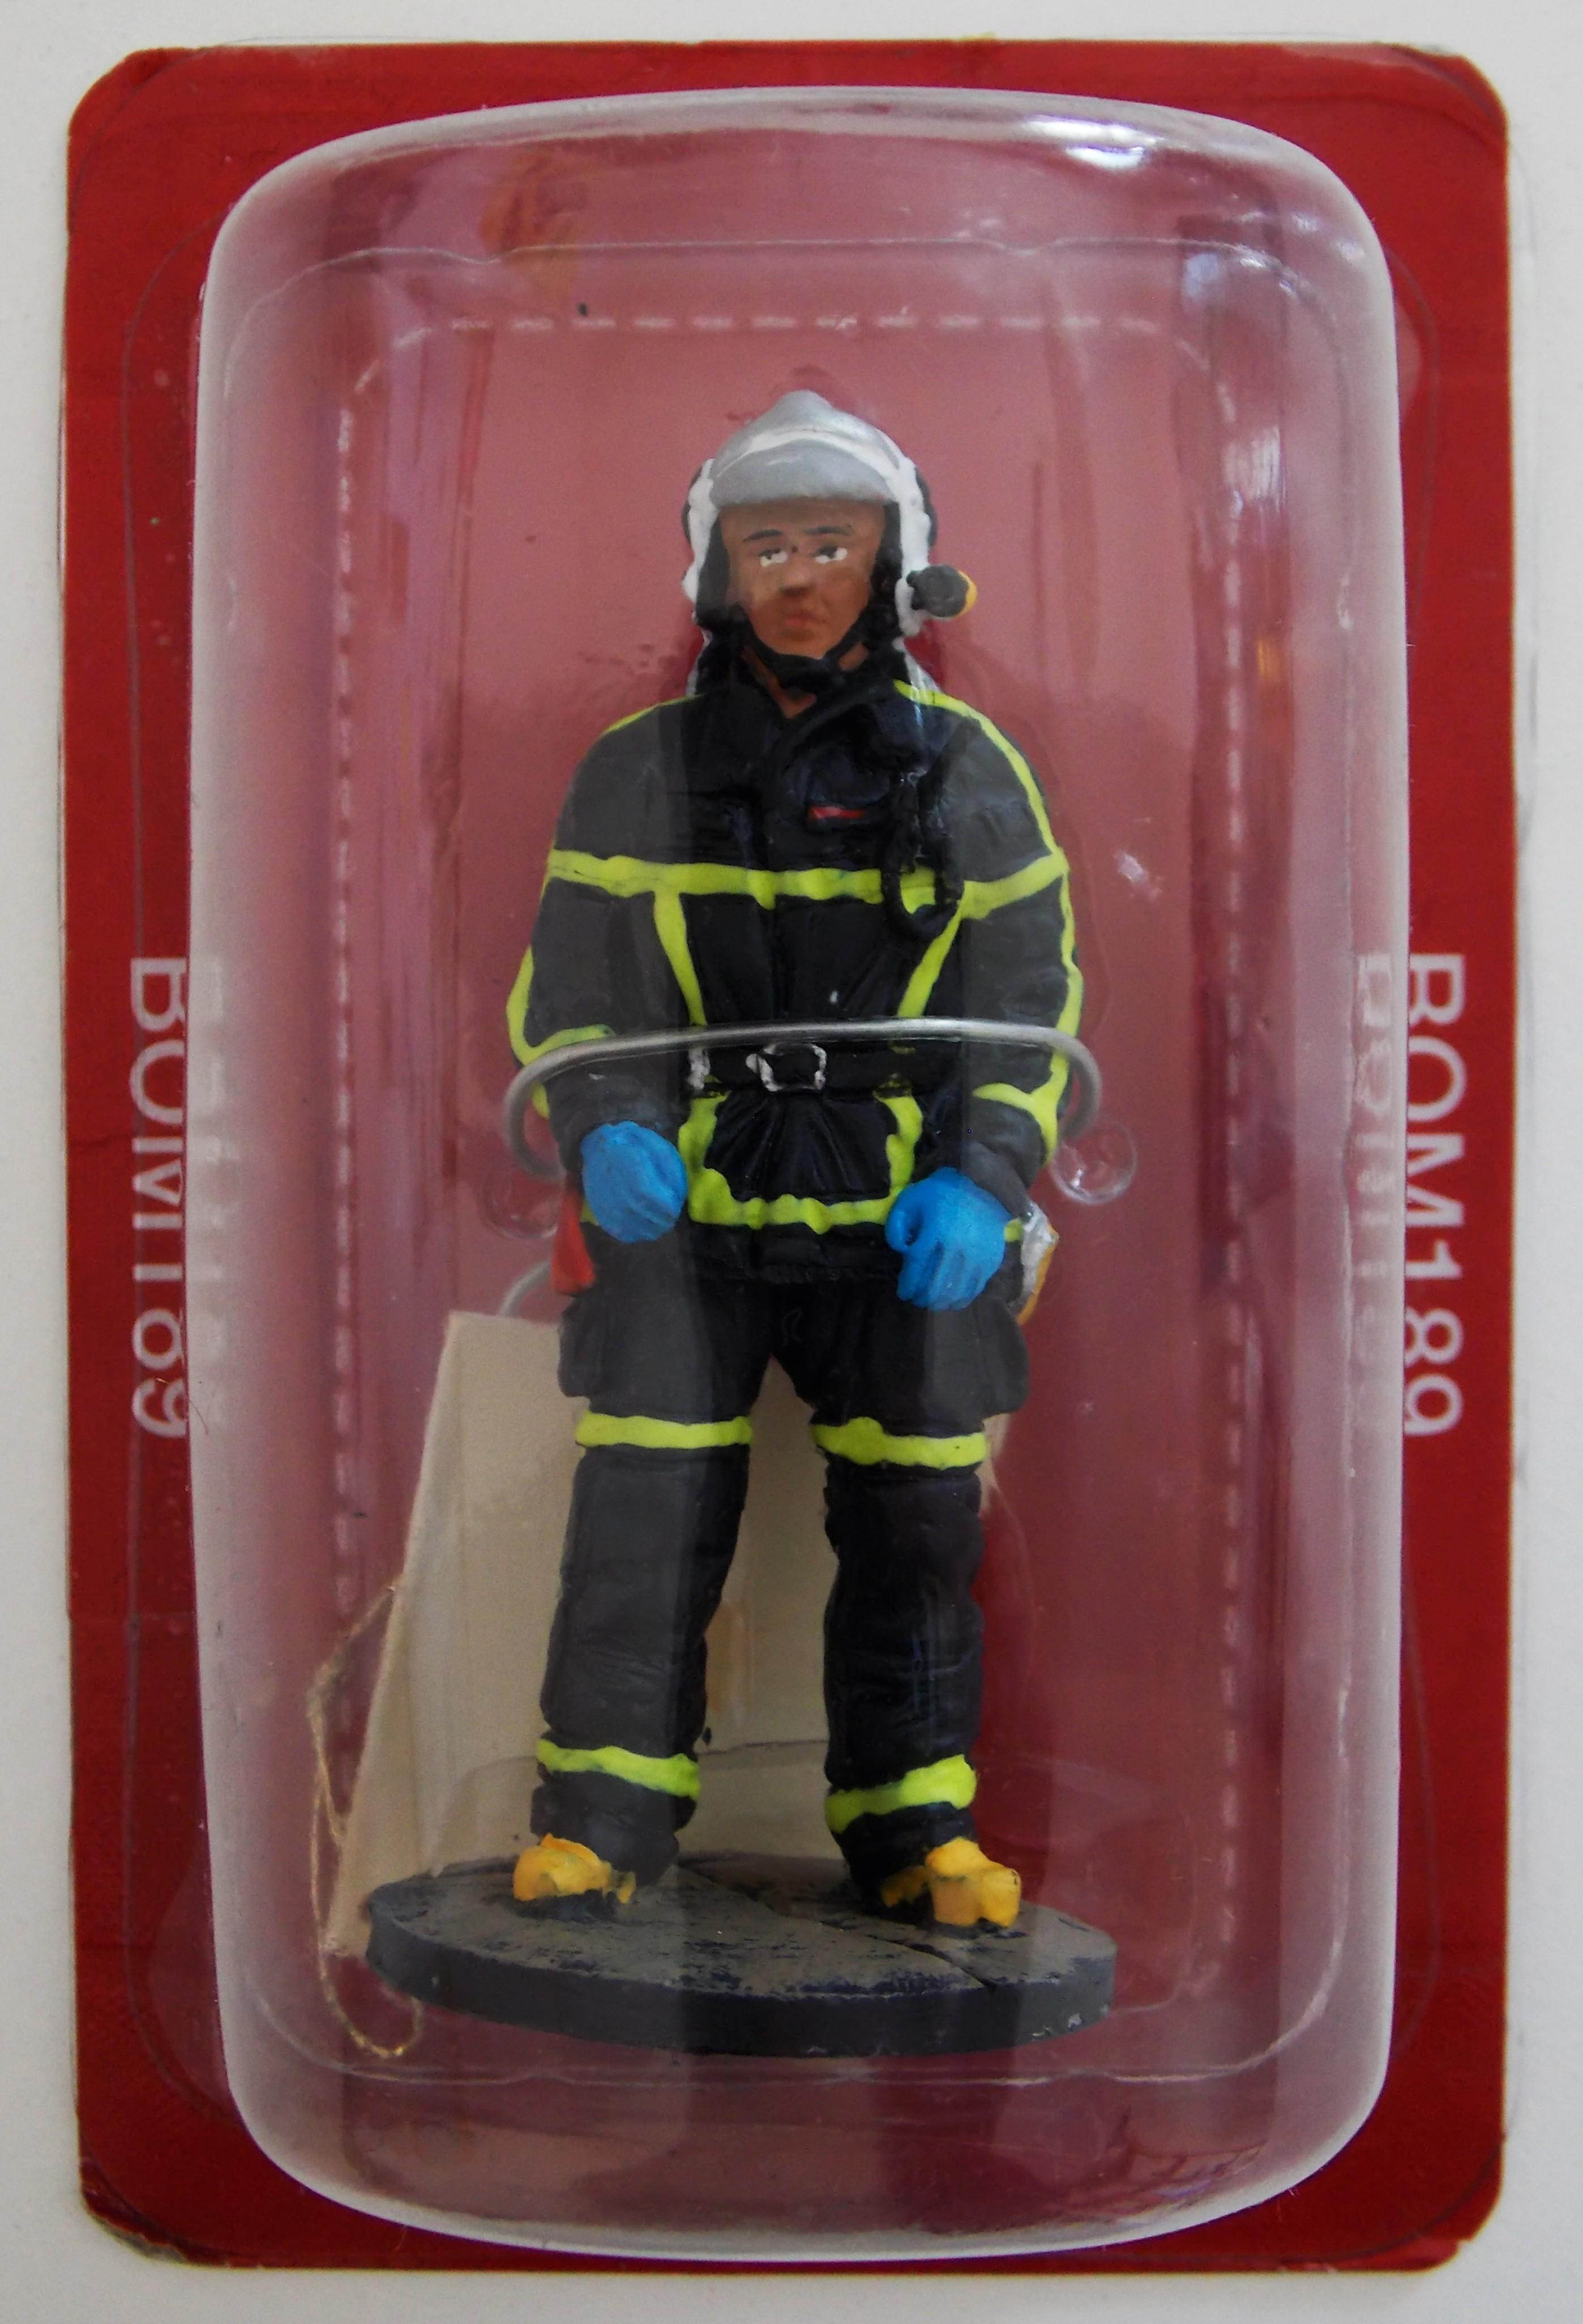 Les Franc tenue de feu Figurine d/'un pompier Figurine pompier Soldats du feu